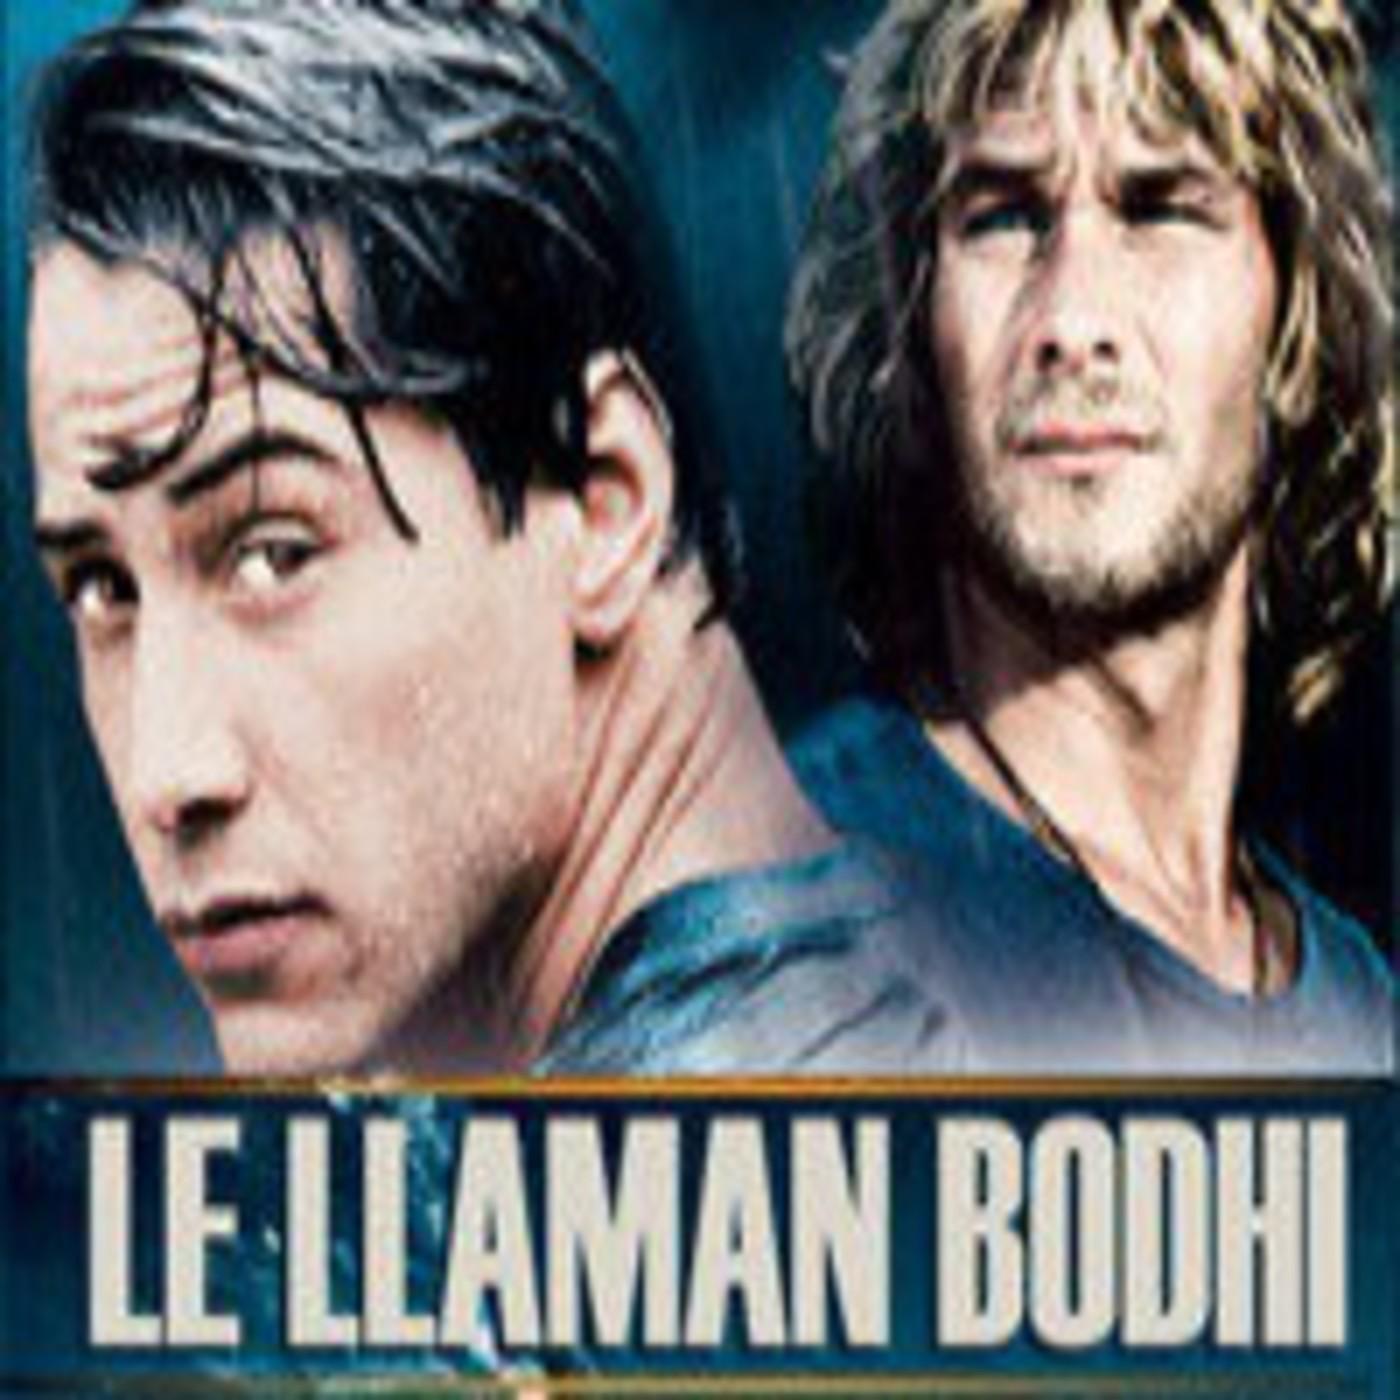 LODE 5x02 parte 1 de 2: LE LLAMAN BODHI